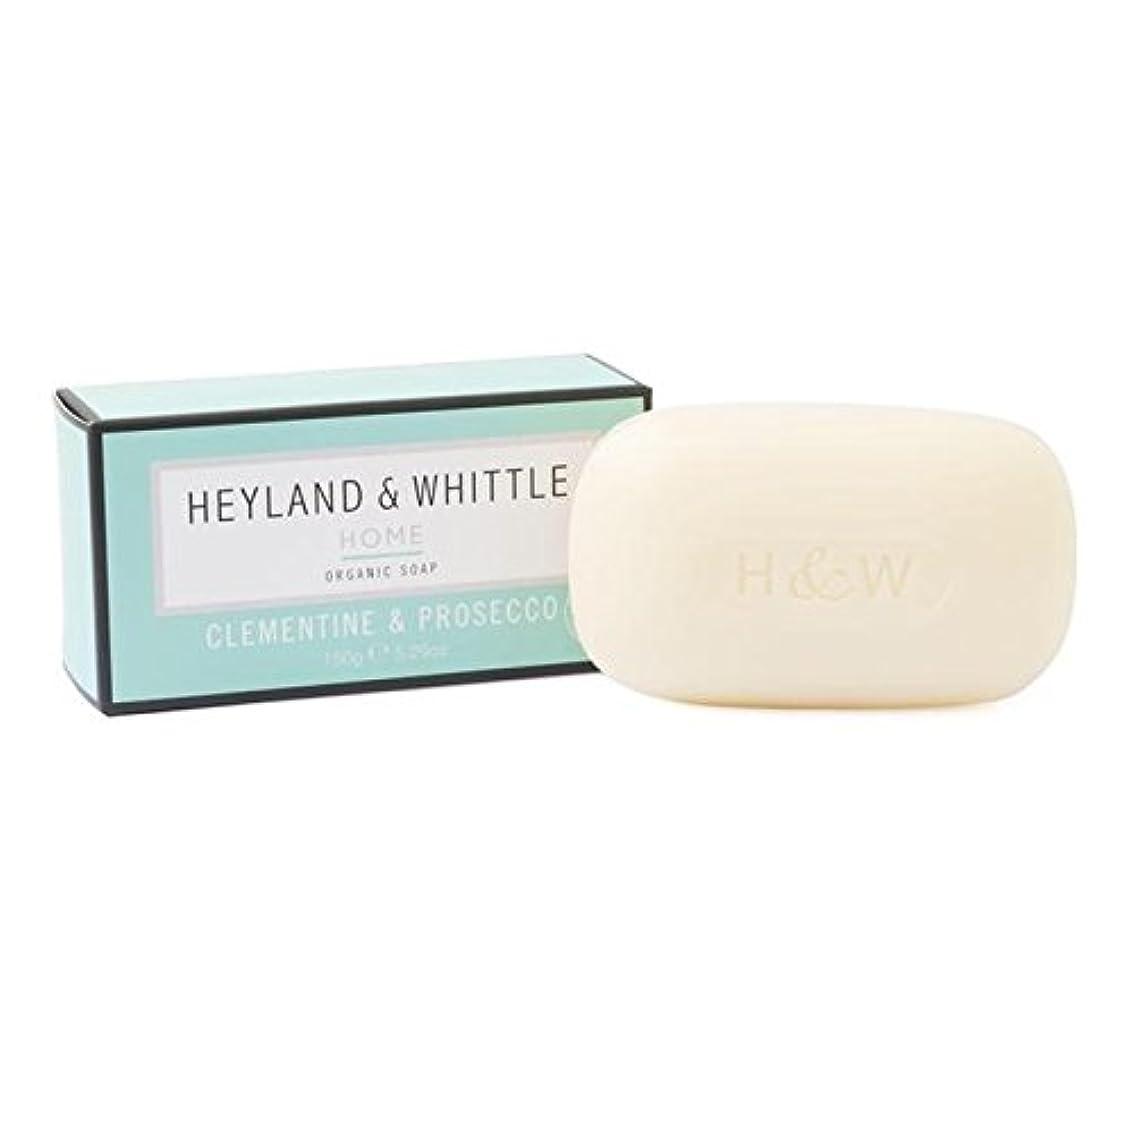 性別防腐剤ビクター&削るホームクレメンタイン&プロセッコ有機石鹸150グラム x4 - Heyland & Whittle Home Clementine & Prosecco Organic Soap 150g (Pack of 4) [並行輸入品]